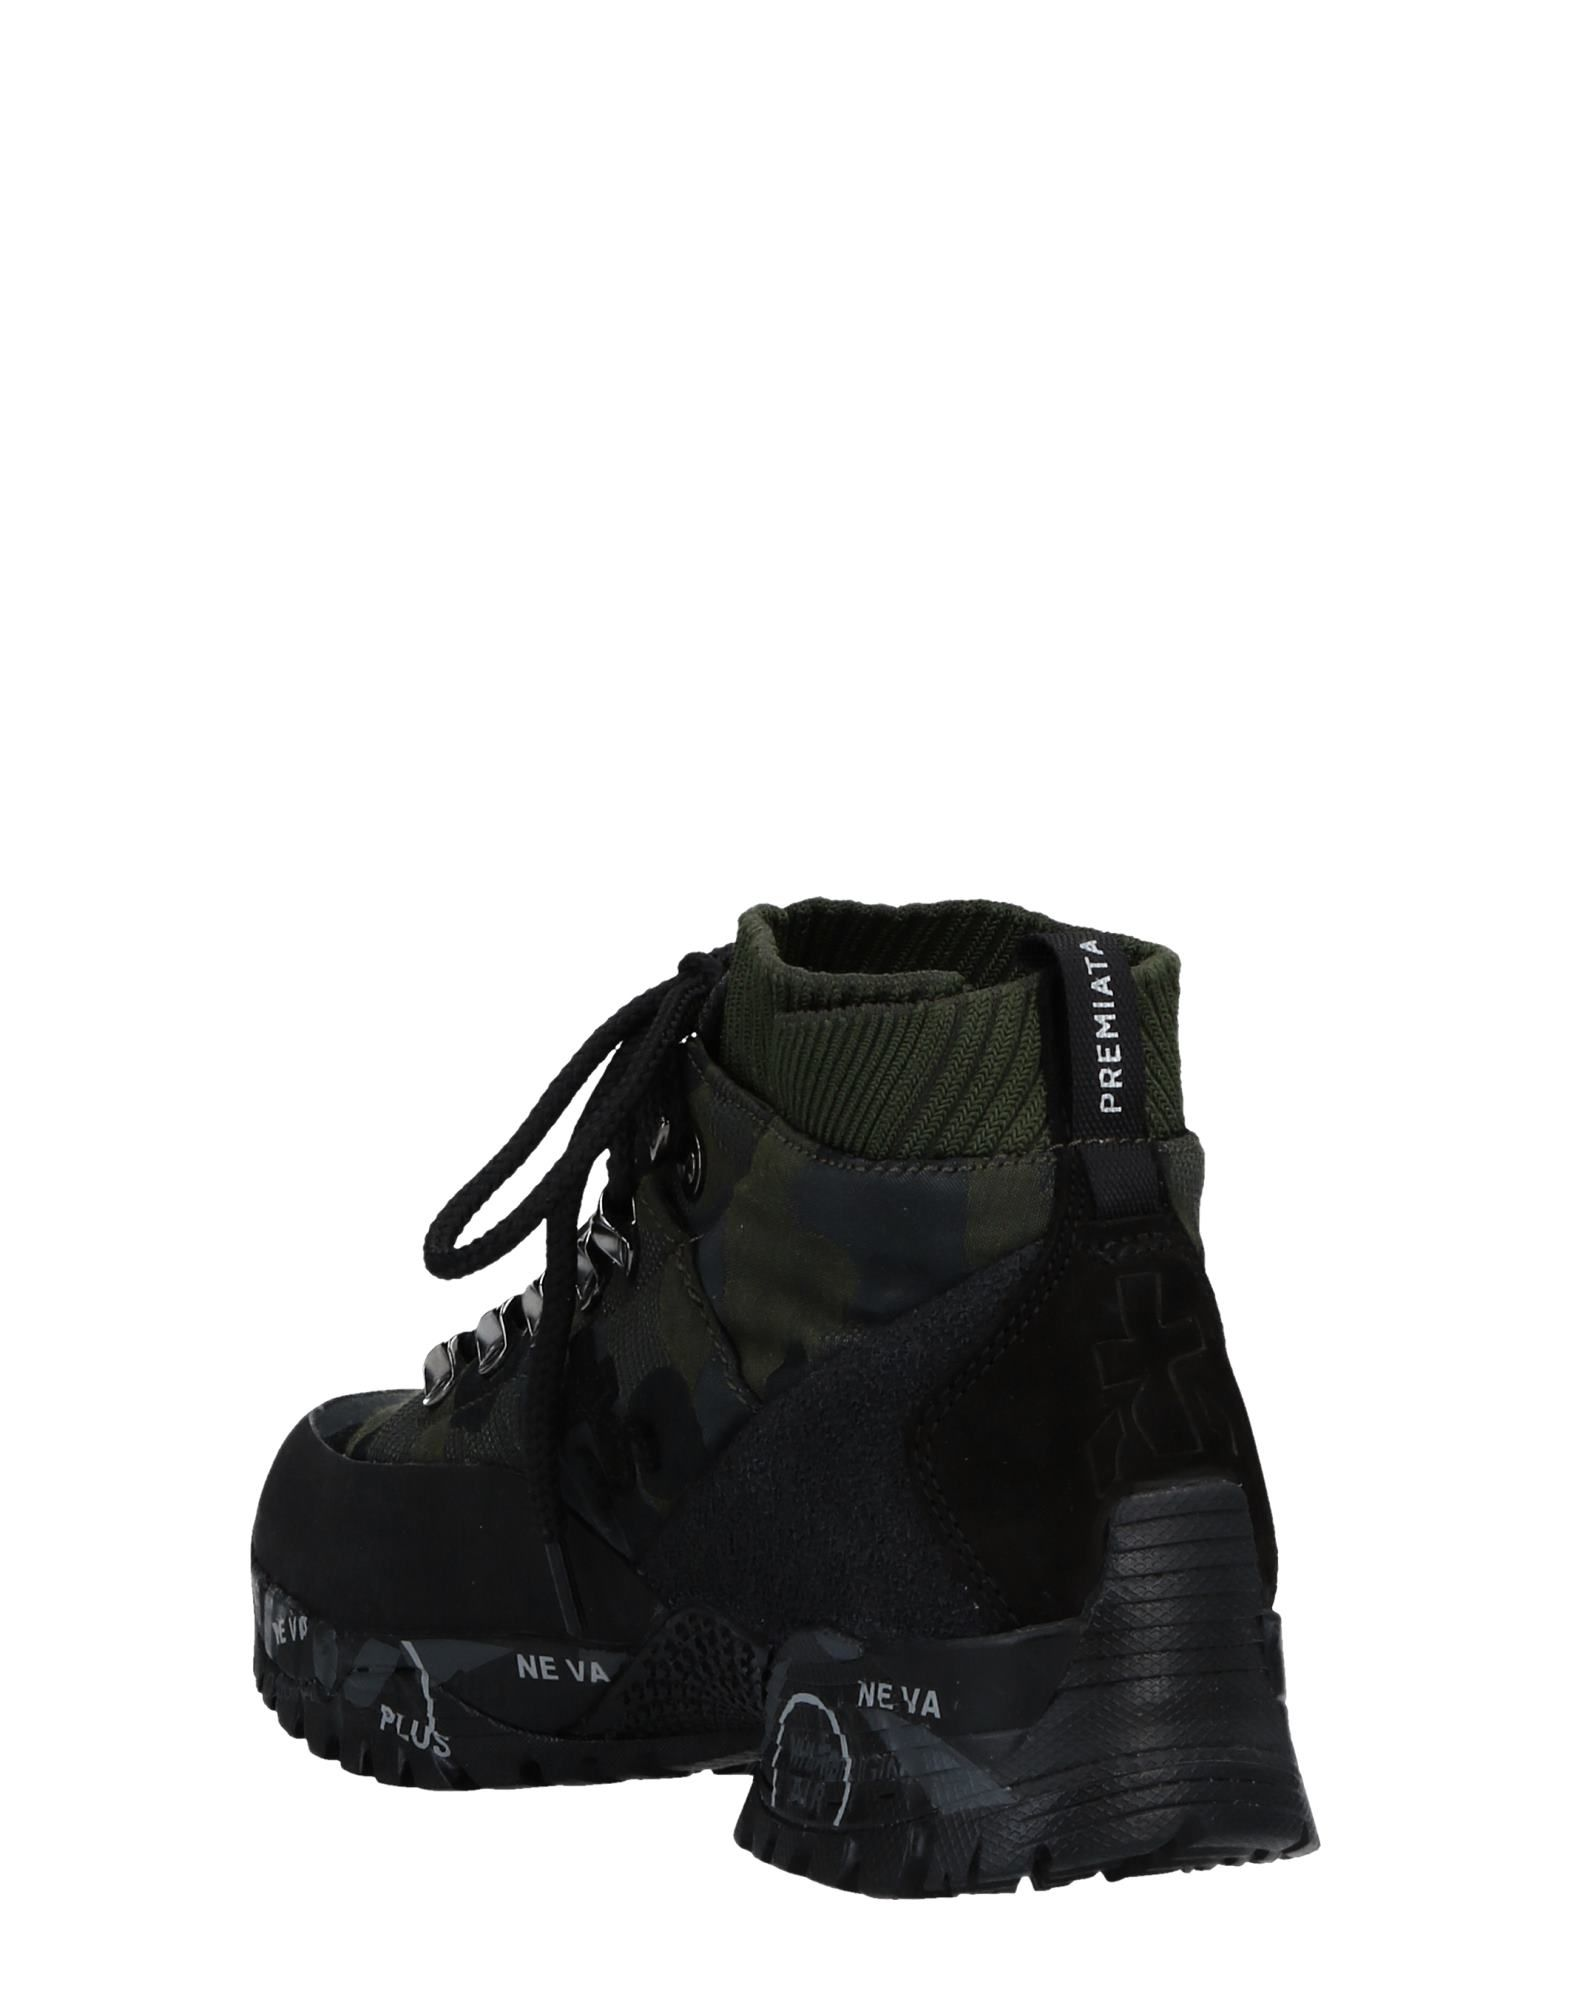 Premiata Stiefelette Schuhe Herren  11512043WT Heiße Schuhe Stiefelette 15c189